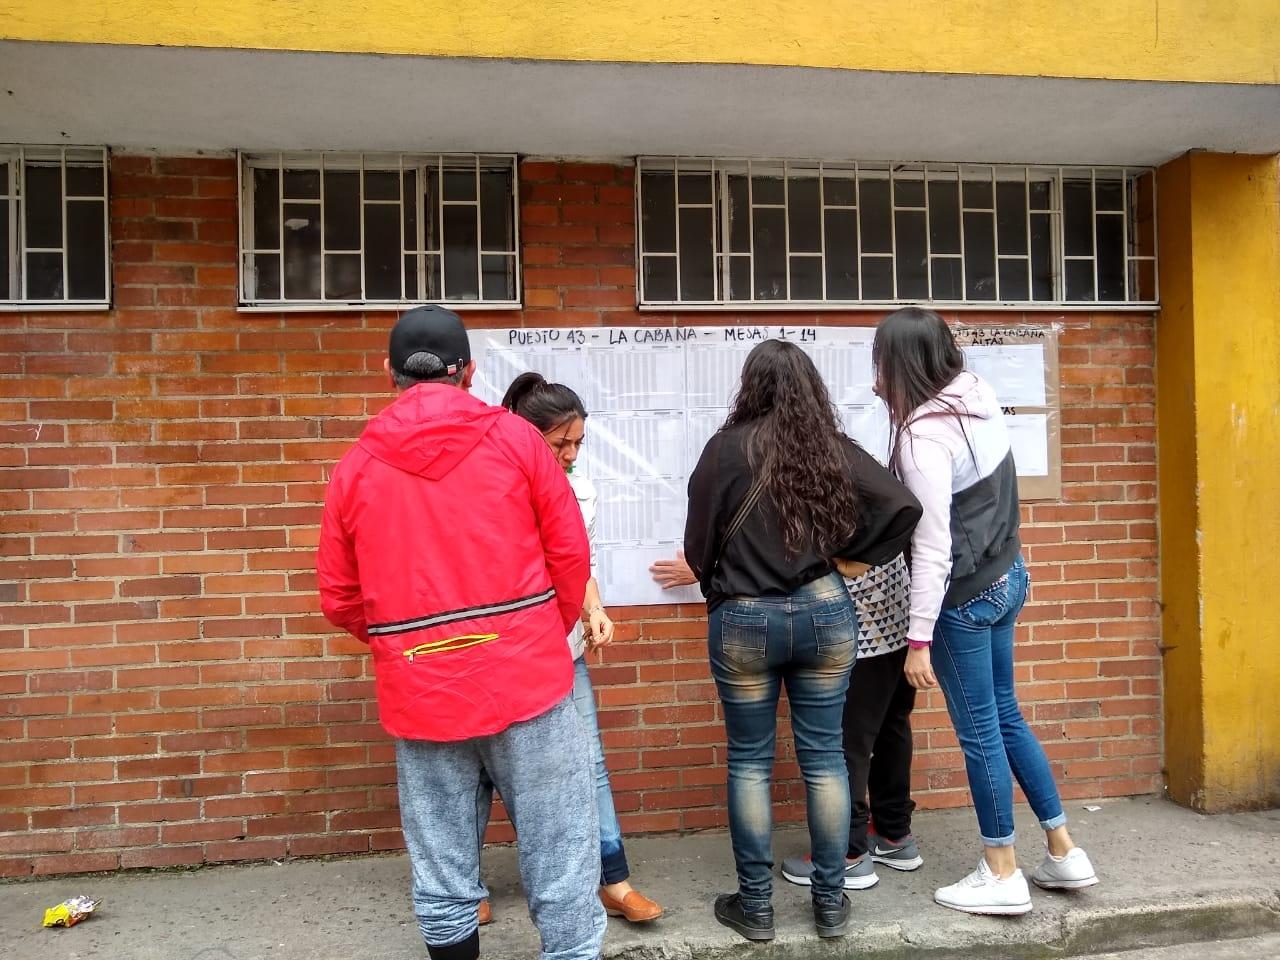 Jornada electoral en la localidad de Engativá